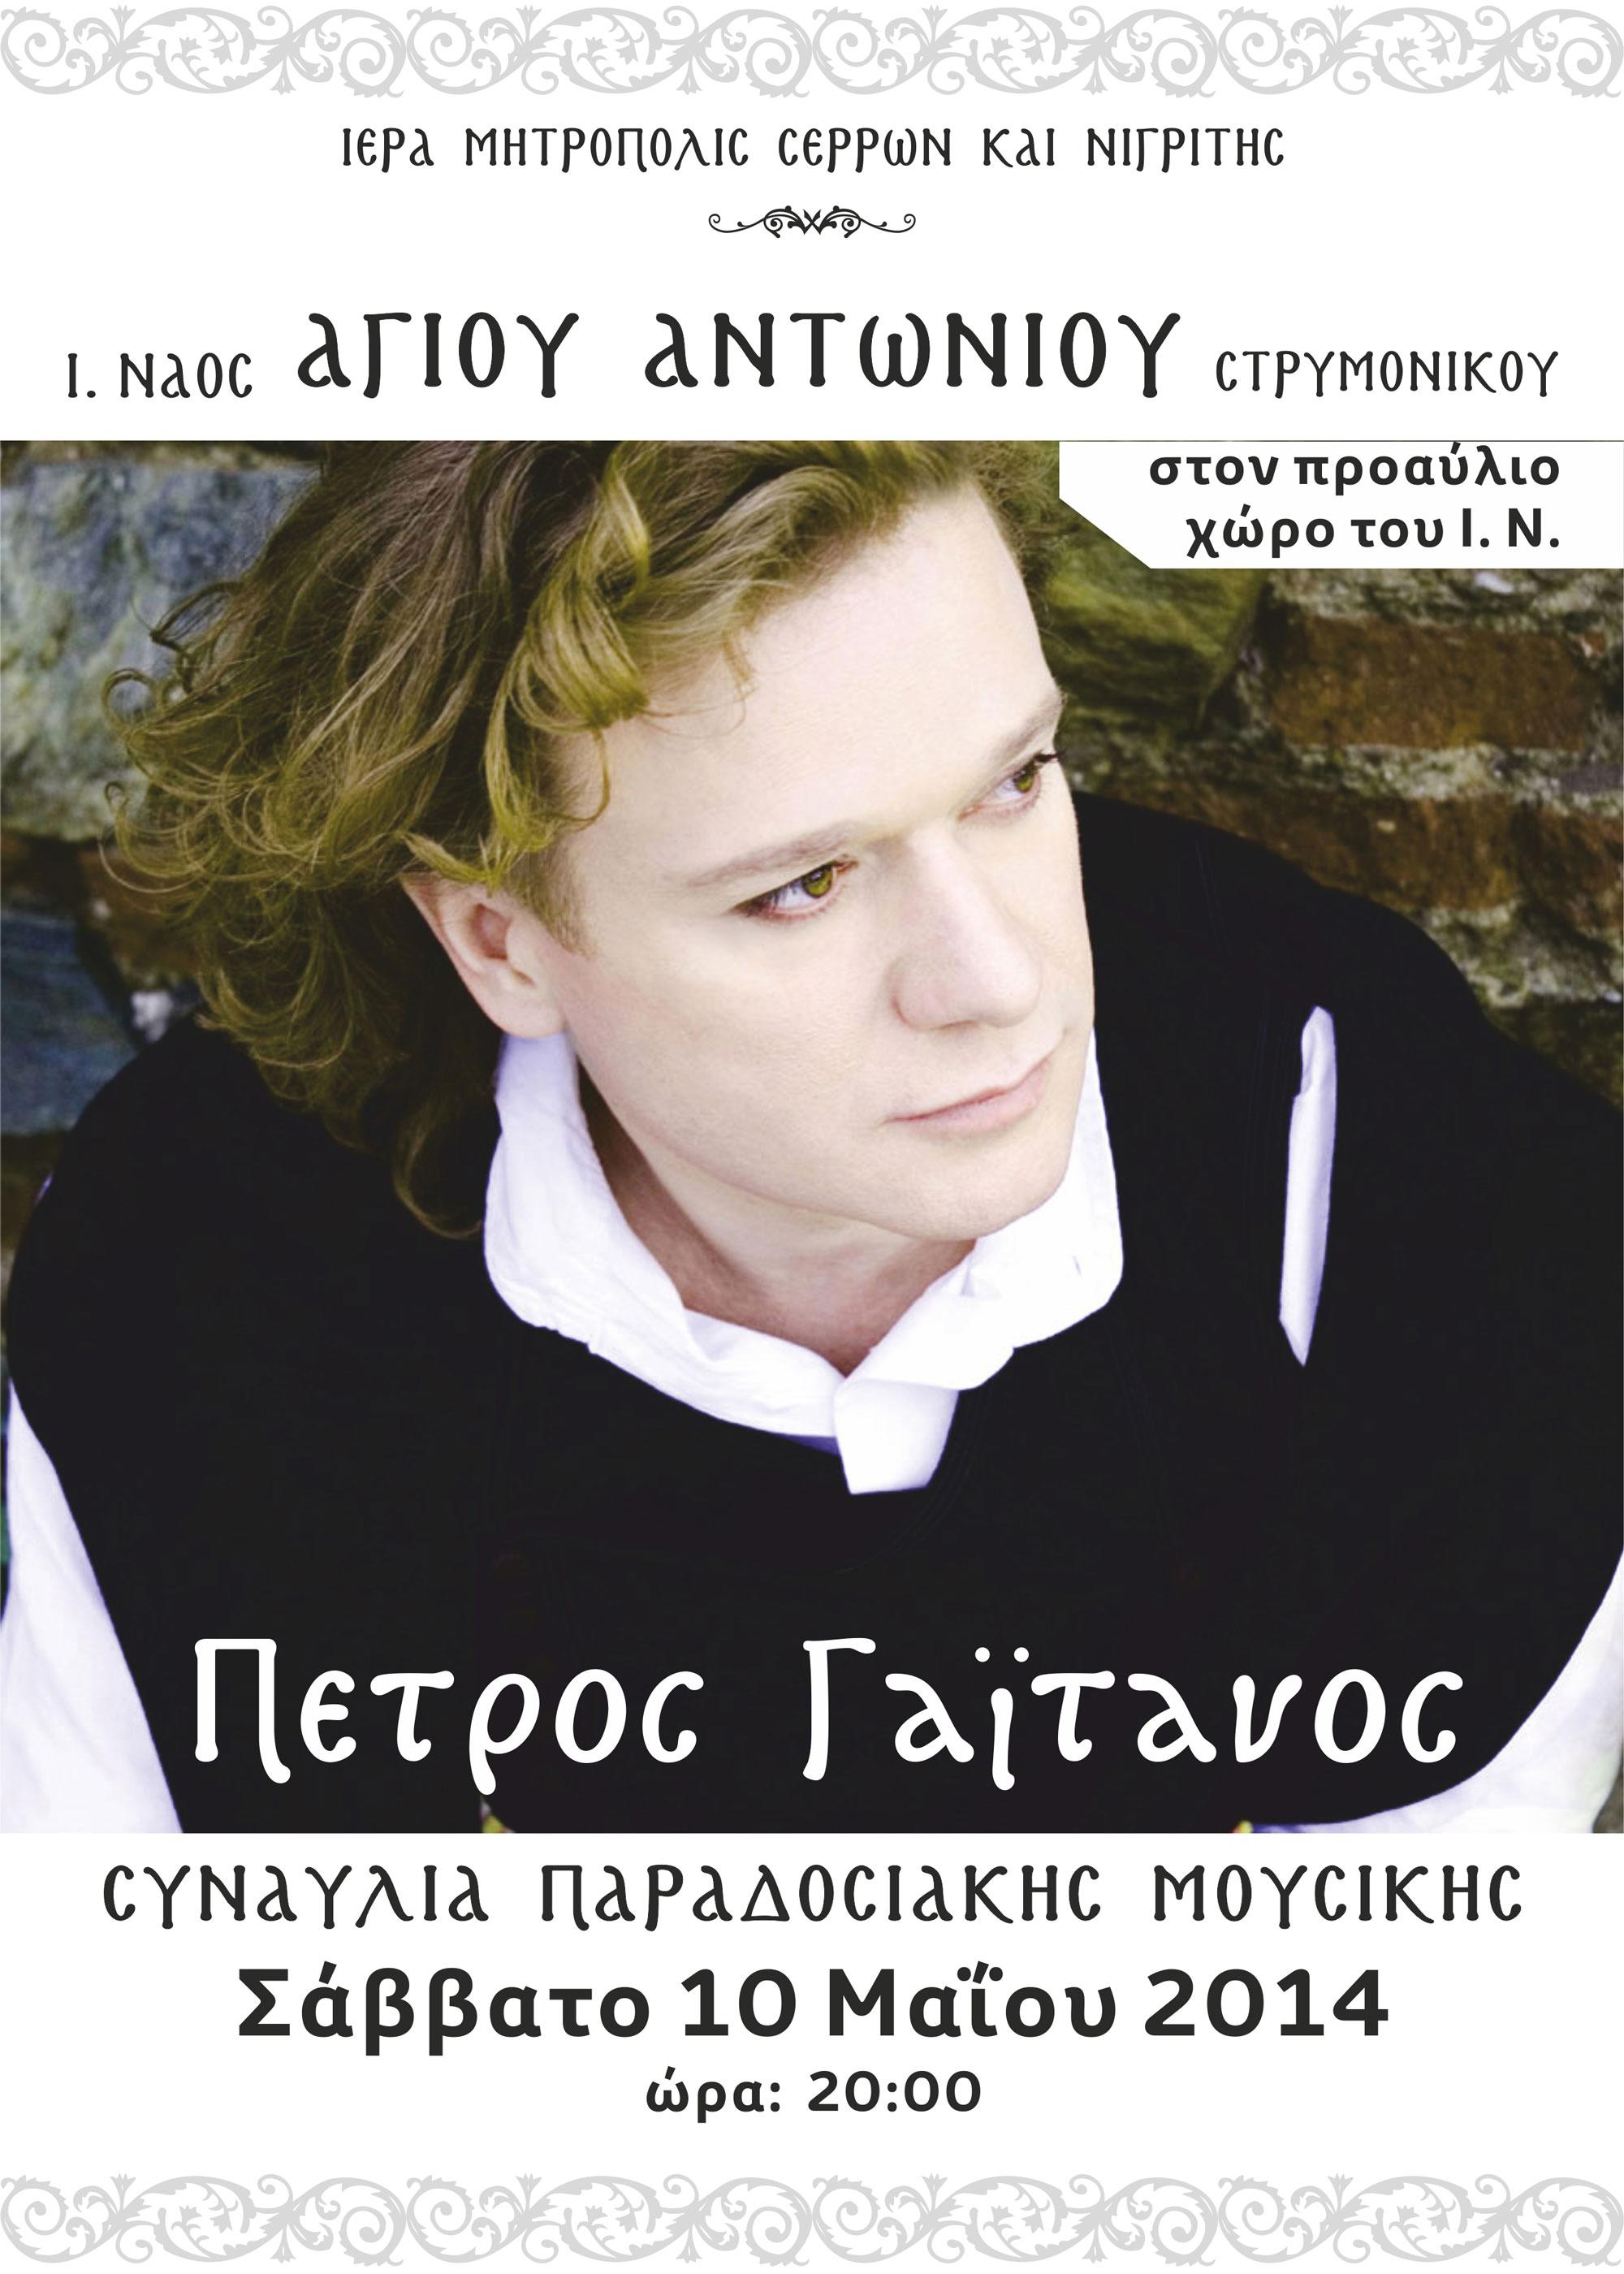 STRYMONIKO SERON 10 5 14